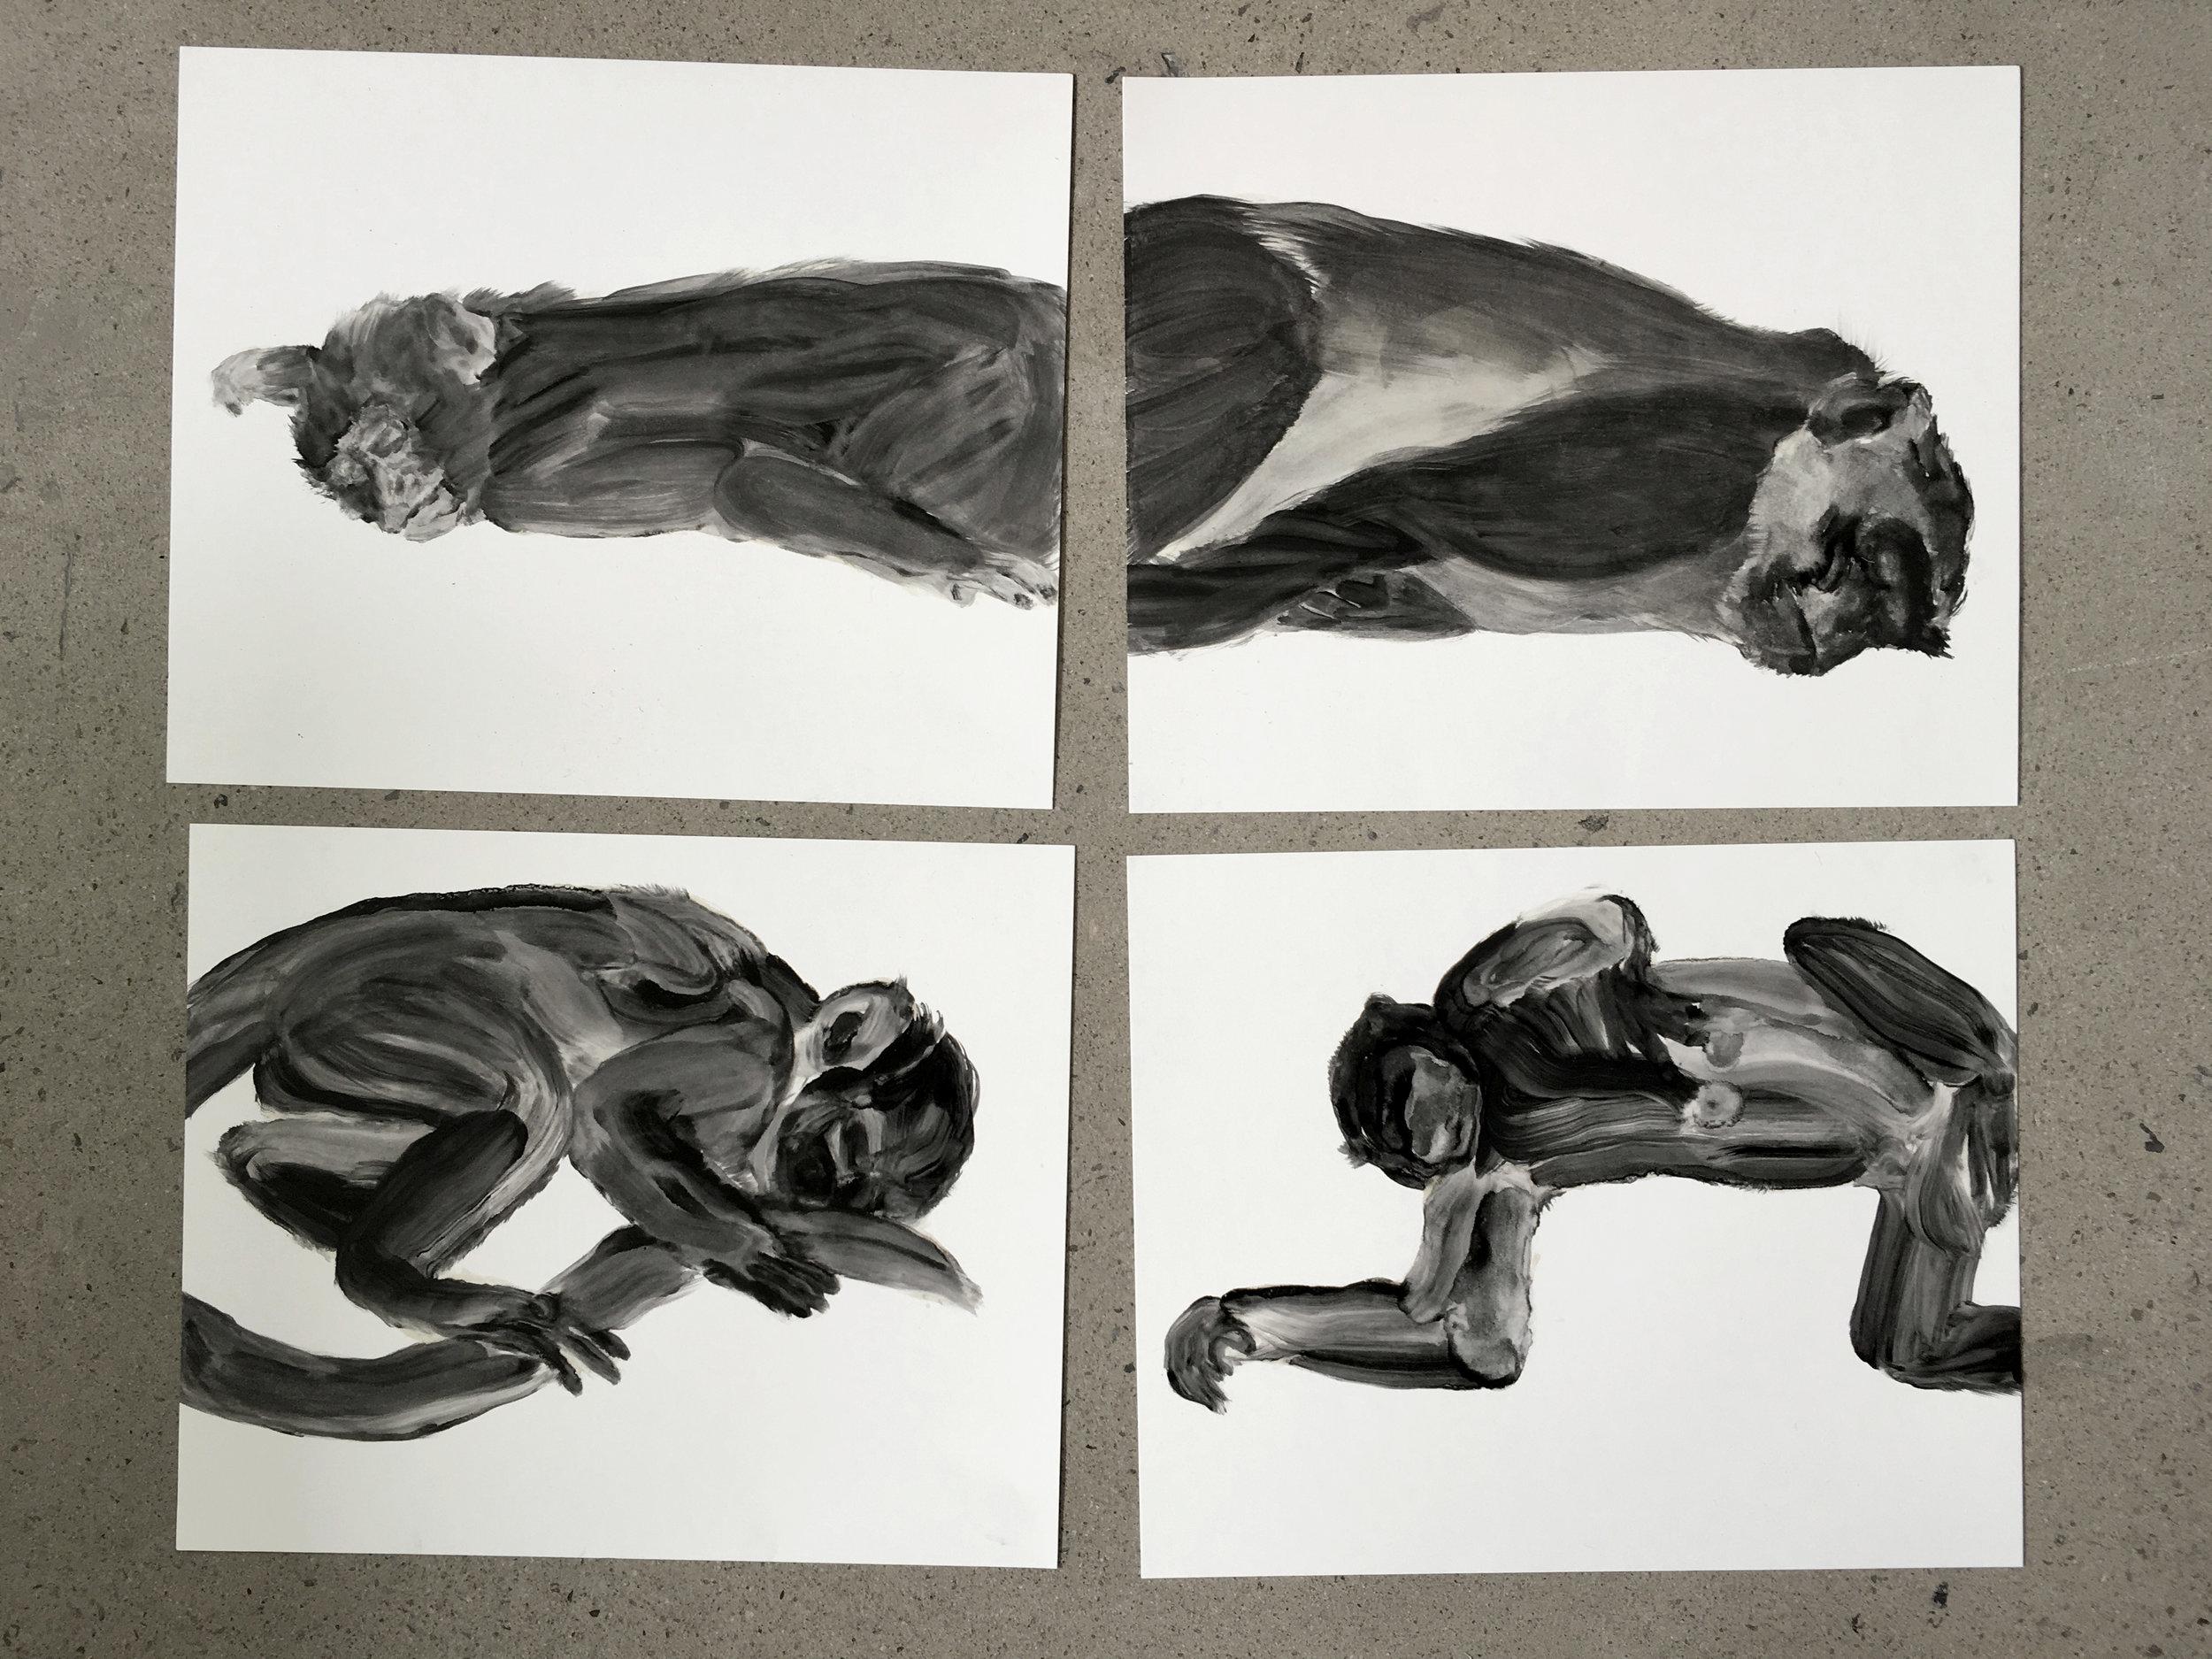 Études à l'huile sur papier, macaques